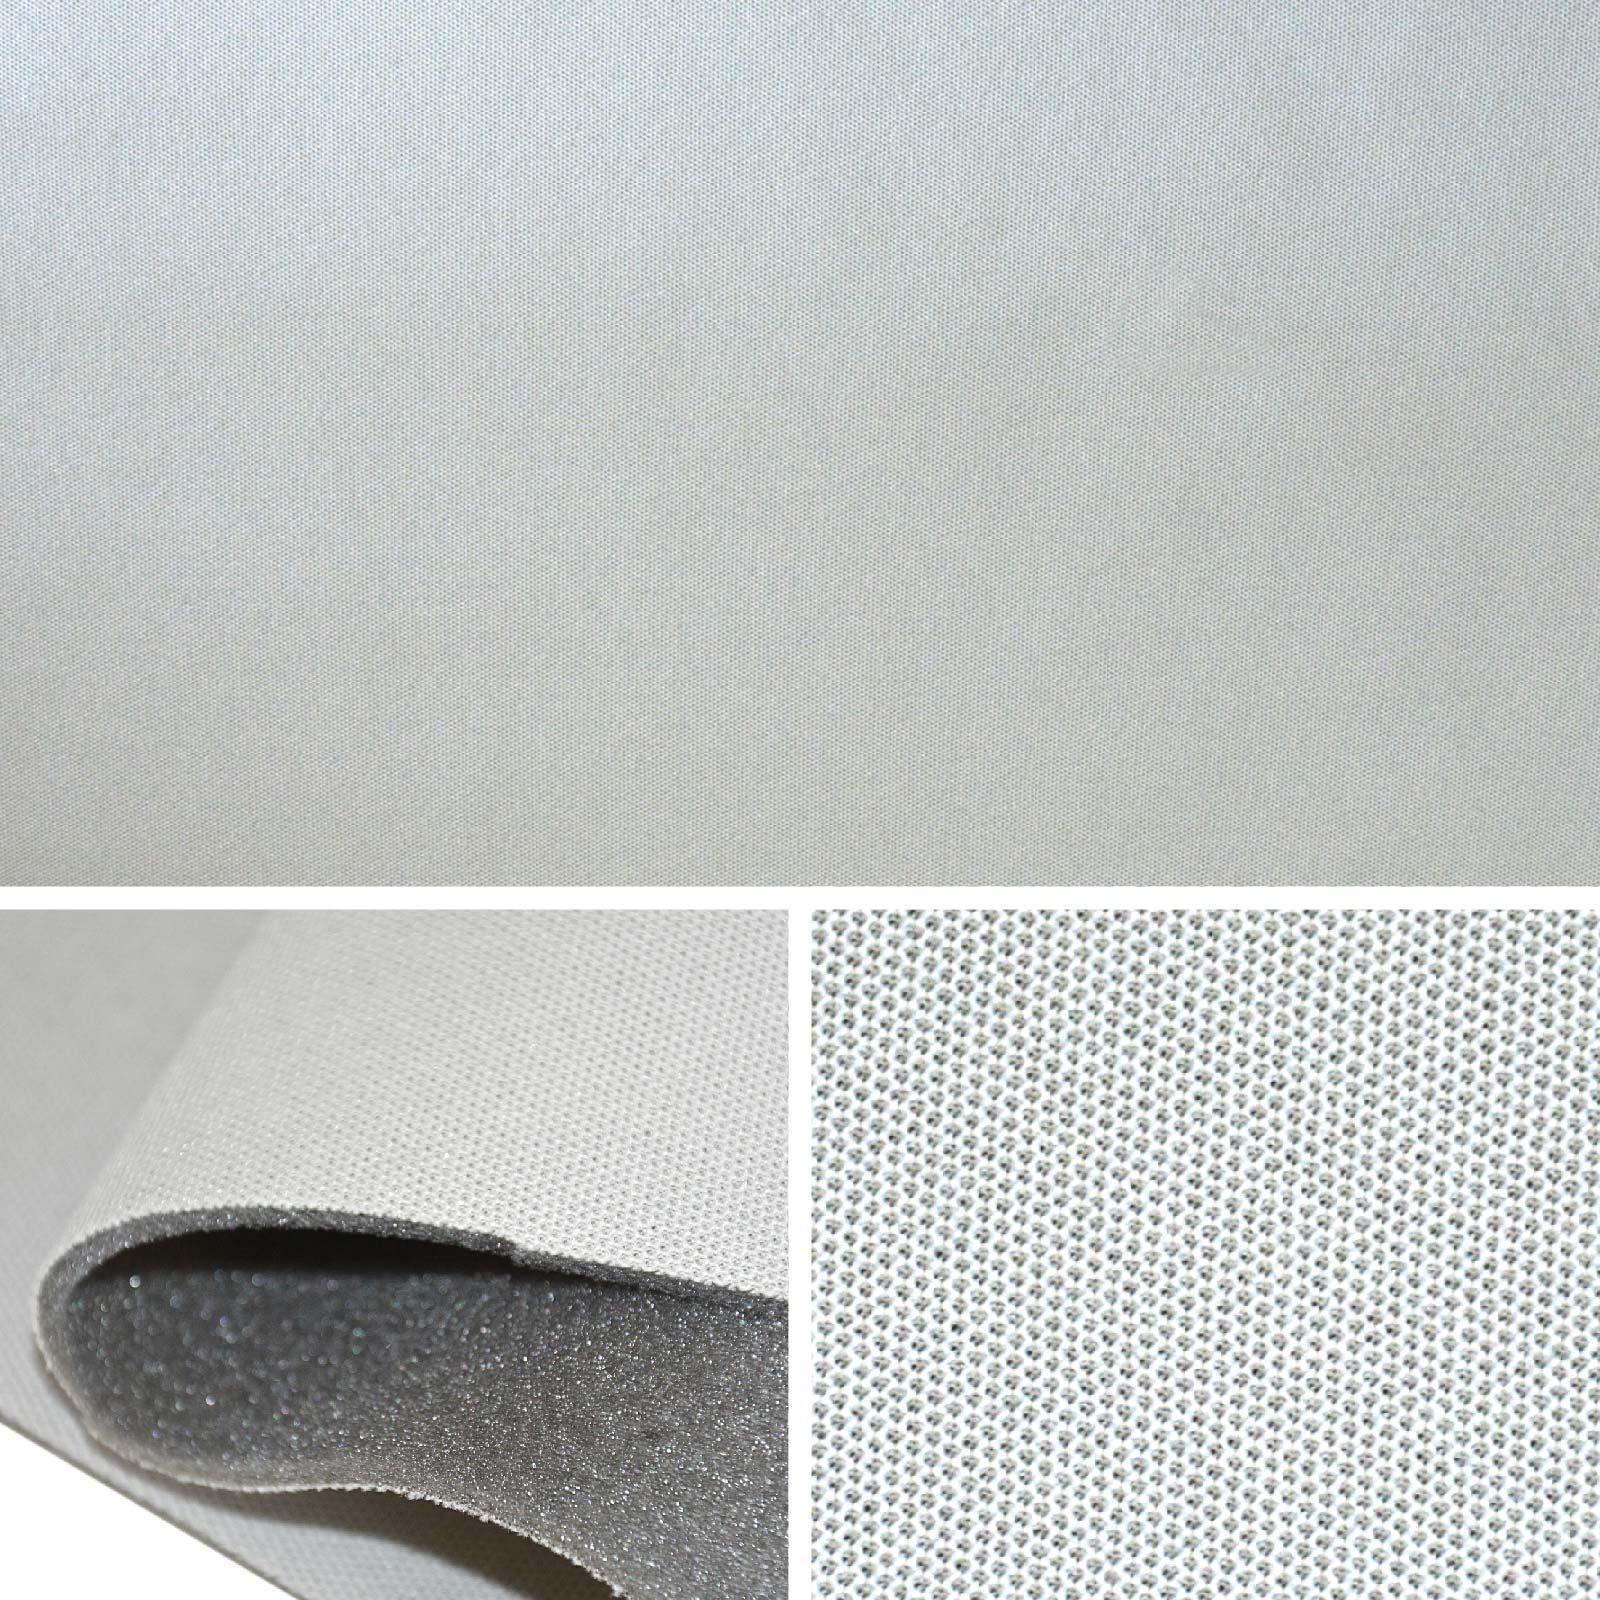 himmelstoff autostoff sam354 hellgrau. Black Bedroom Furniture Sets. Home Design Ideas